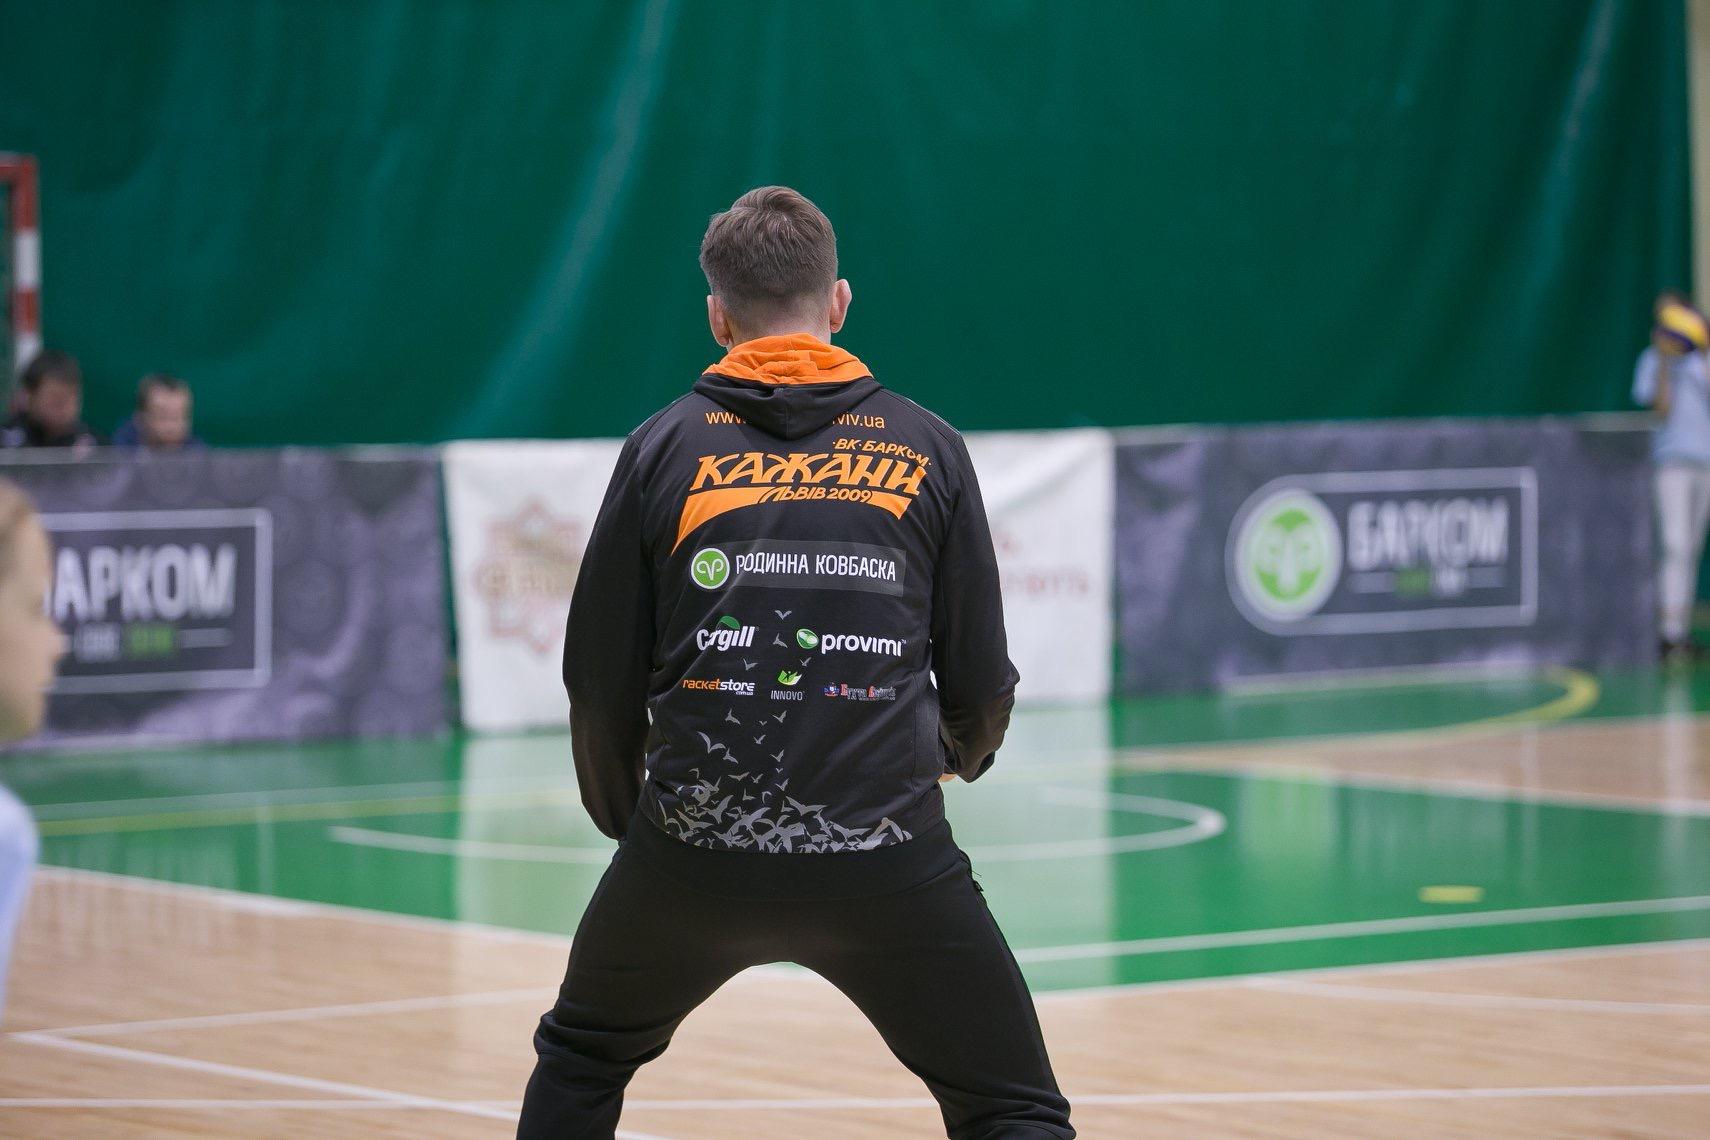 «Барком-Кажани»:»Серце Поділля». Фінал  Чемпіонату. Фотозвіт - 24